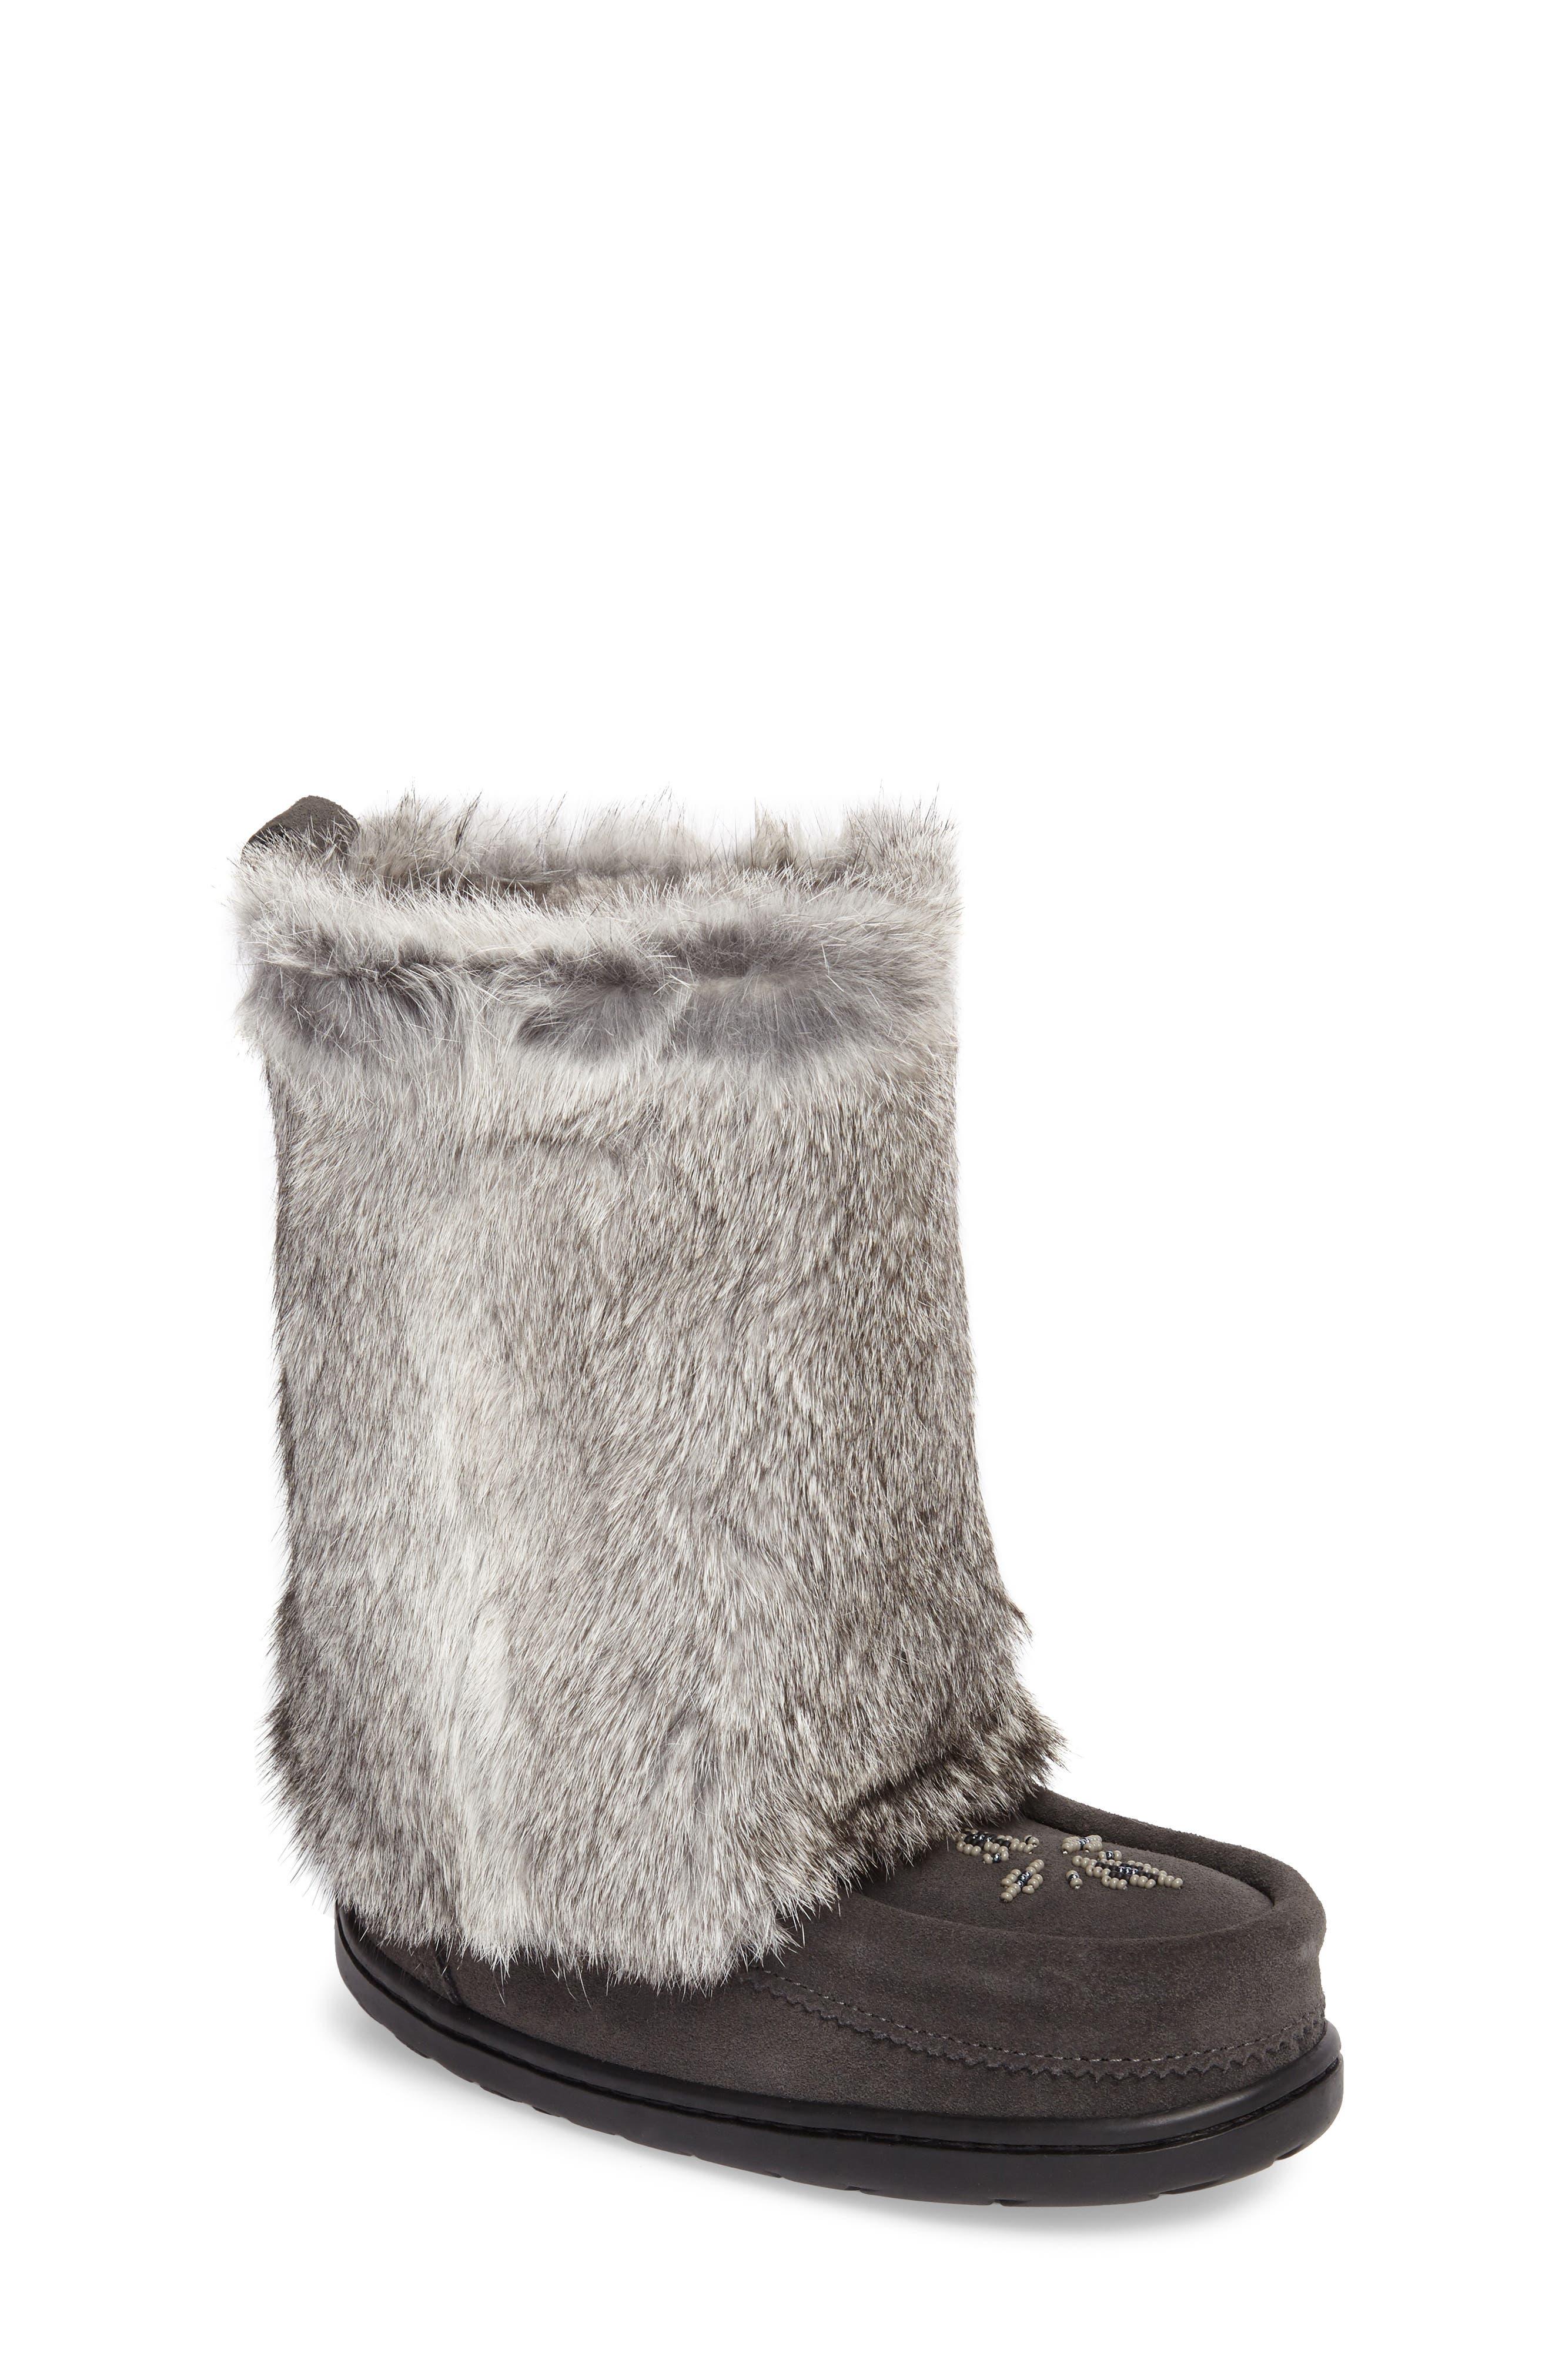 Nordic Genuine Rabbit Fur & Genuine Shearling Mukluk Boot,                             Main thumbnail 1, color,                             Charcoal